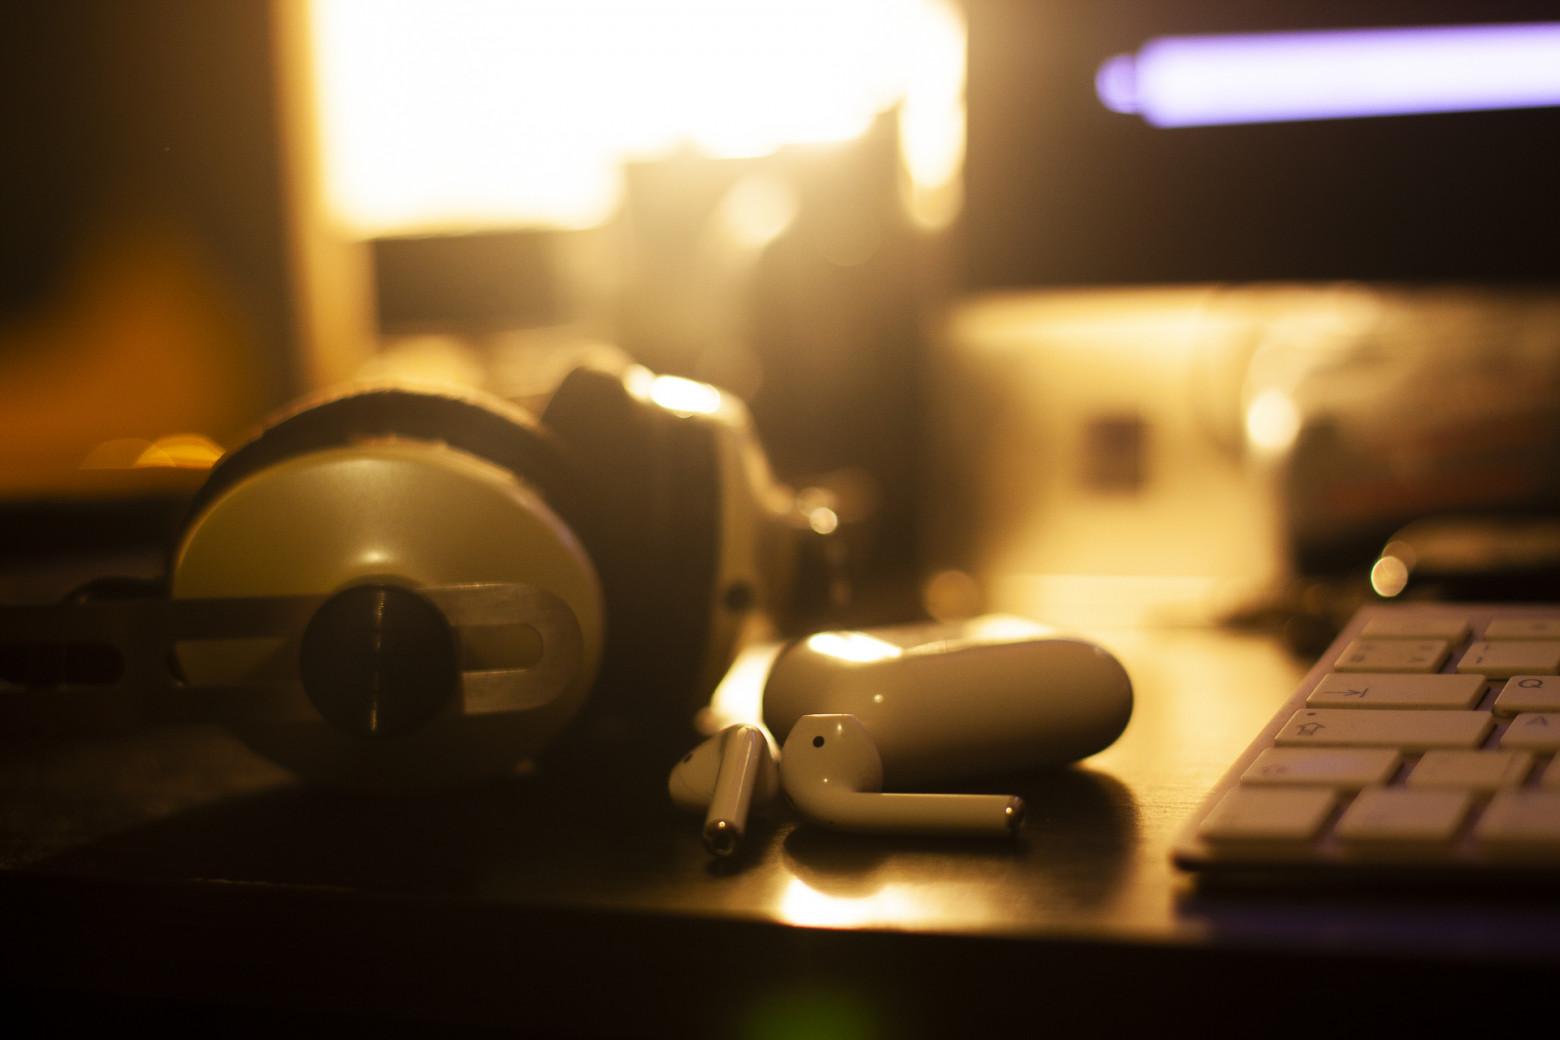 Ночь, музыка, клавиатура и Android Studio